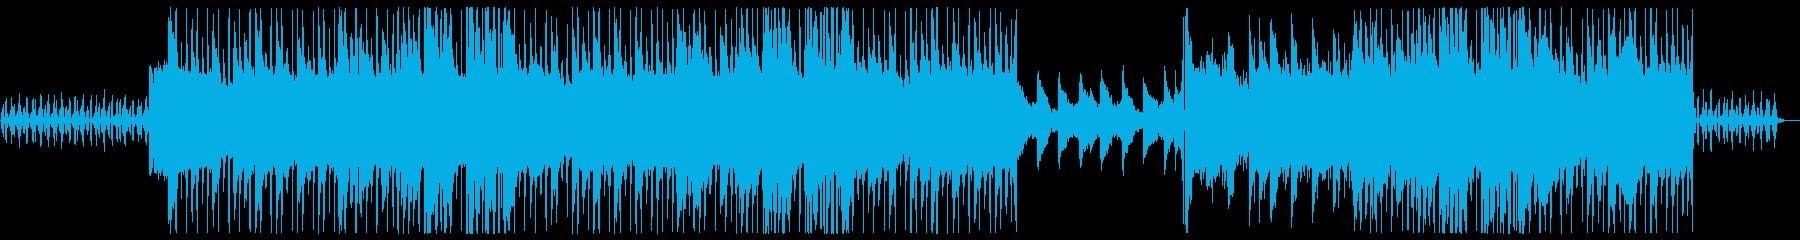 Lofi女性ボーカルのしっとり洋楽風の再生済みの波形